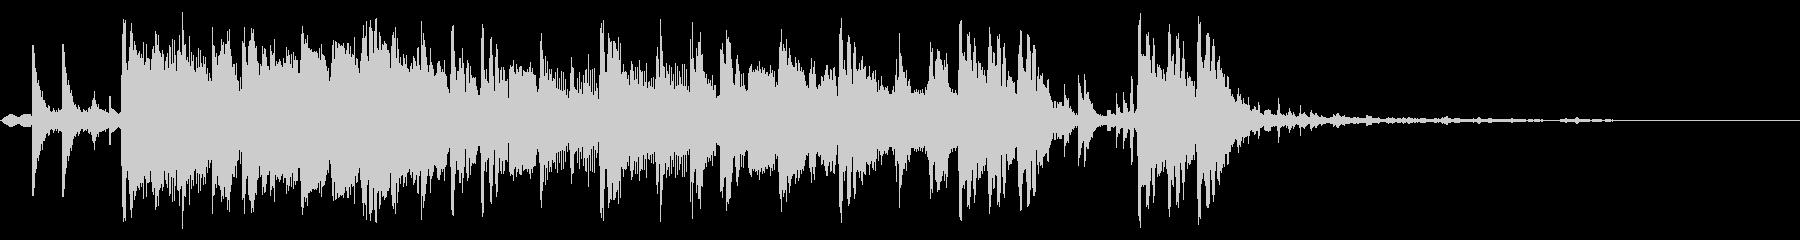 ボトムアップの未再生の波形